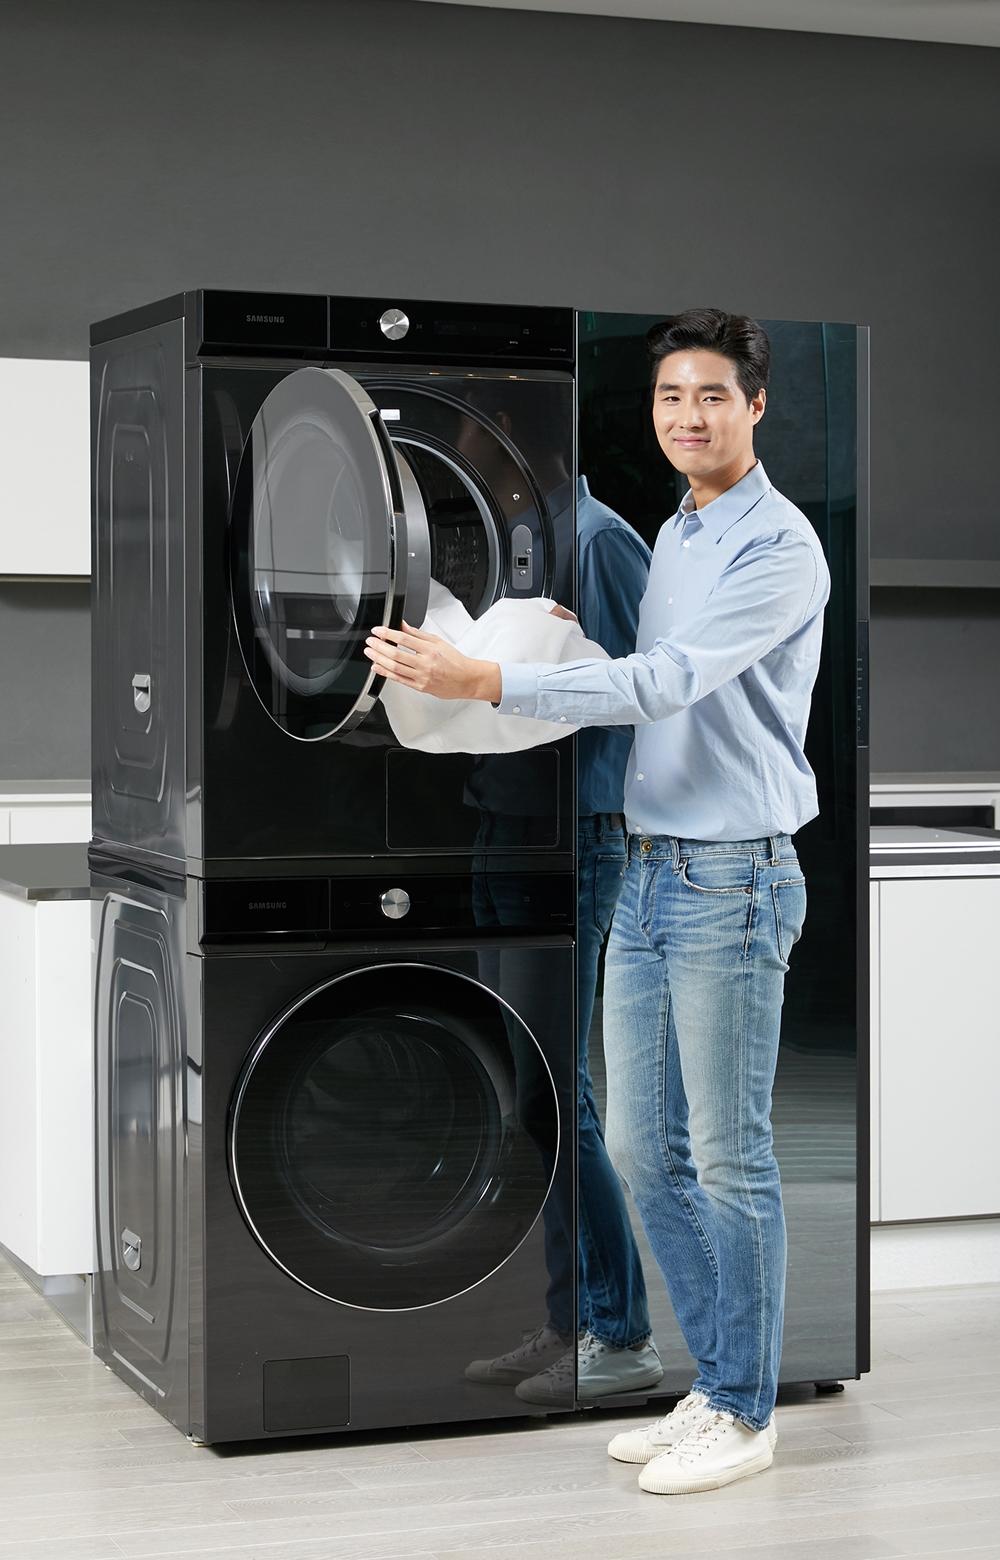 삼성전자 모델이 수원 삼성디지털시티에서 '뉴 그랑데 AI' 세탁기·건조기 신제품과 비스포크 에어드레서를 소개하고 있다.